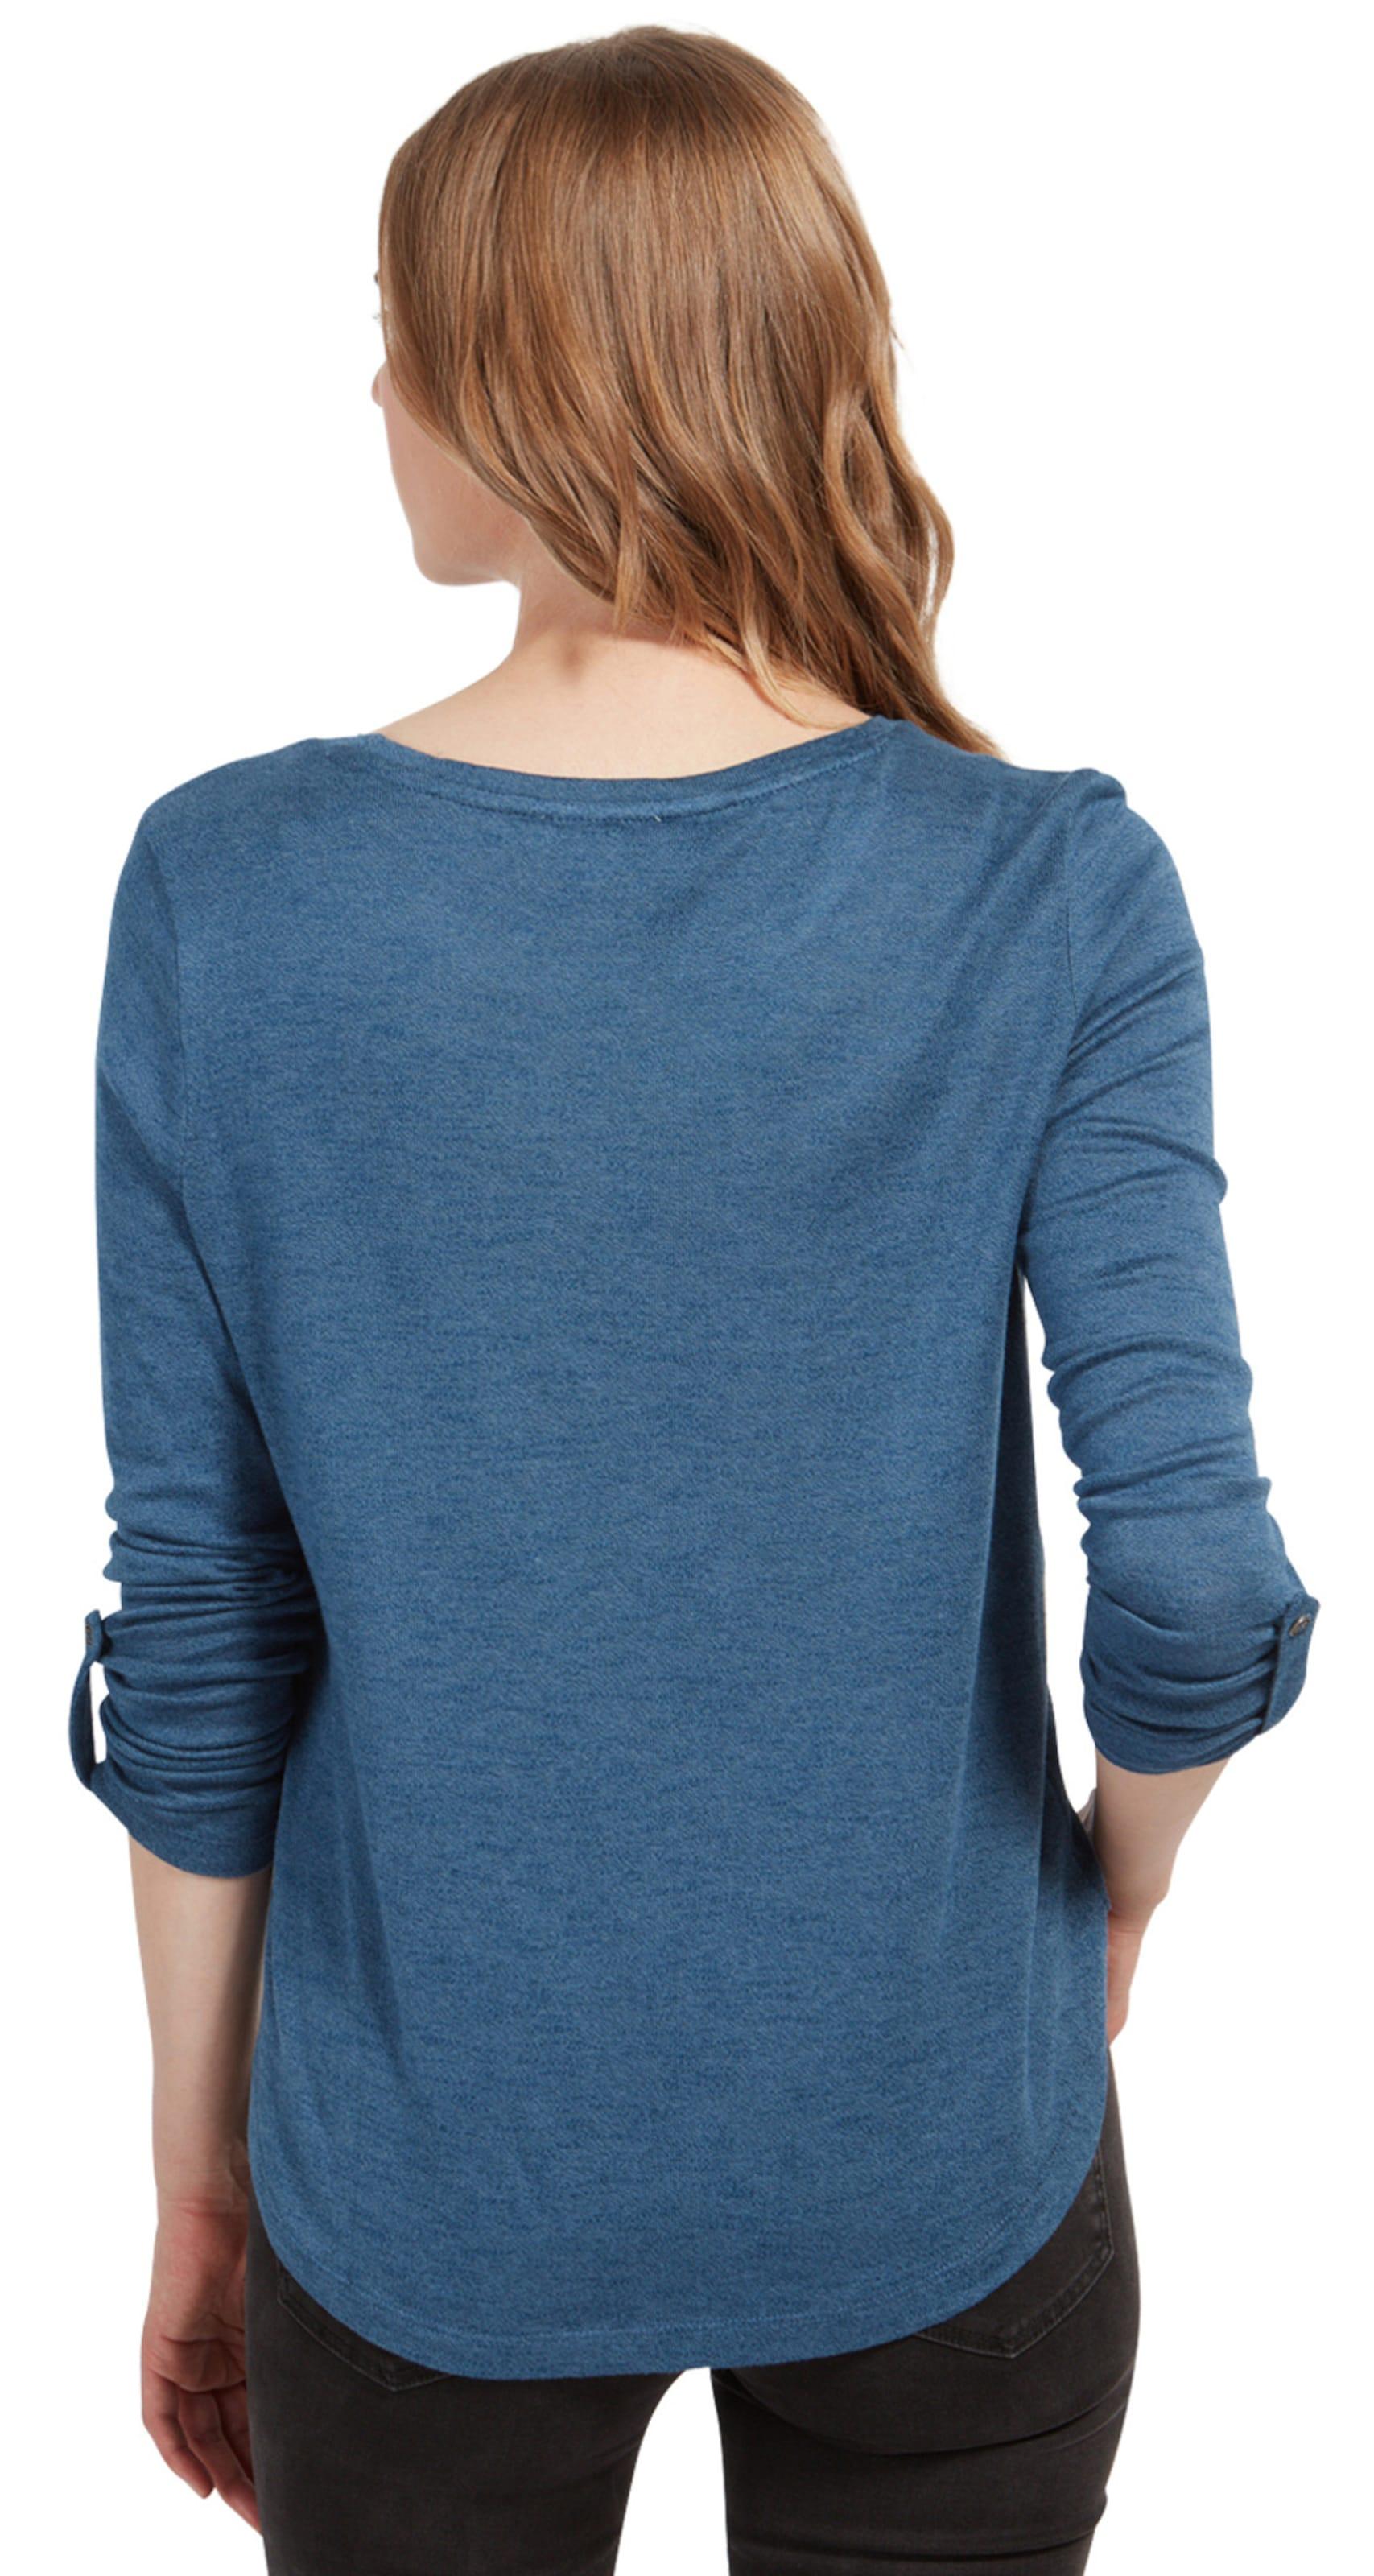 Erschwinglich Günstig Online Verkauf Fabrikverkauf TOM TAILOR DENIM Shirt mit Turn-Ups xABbUe0G3